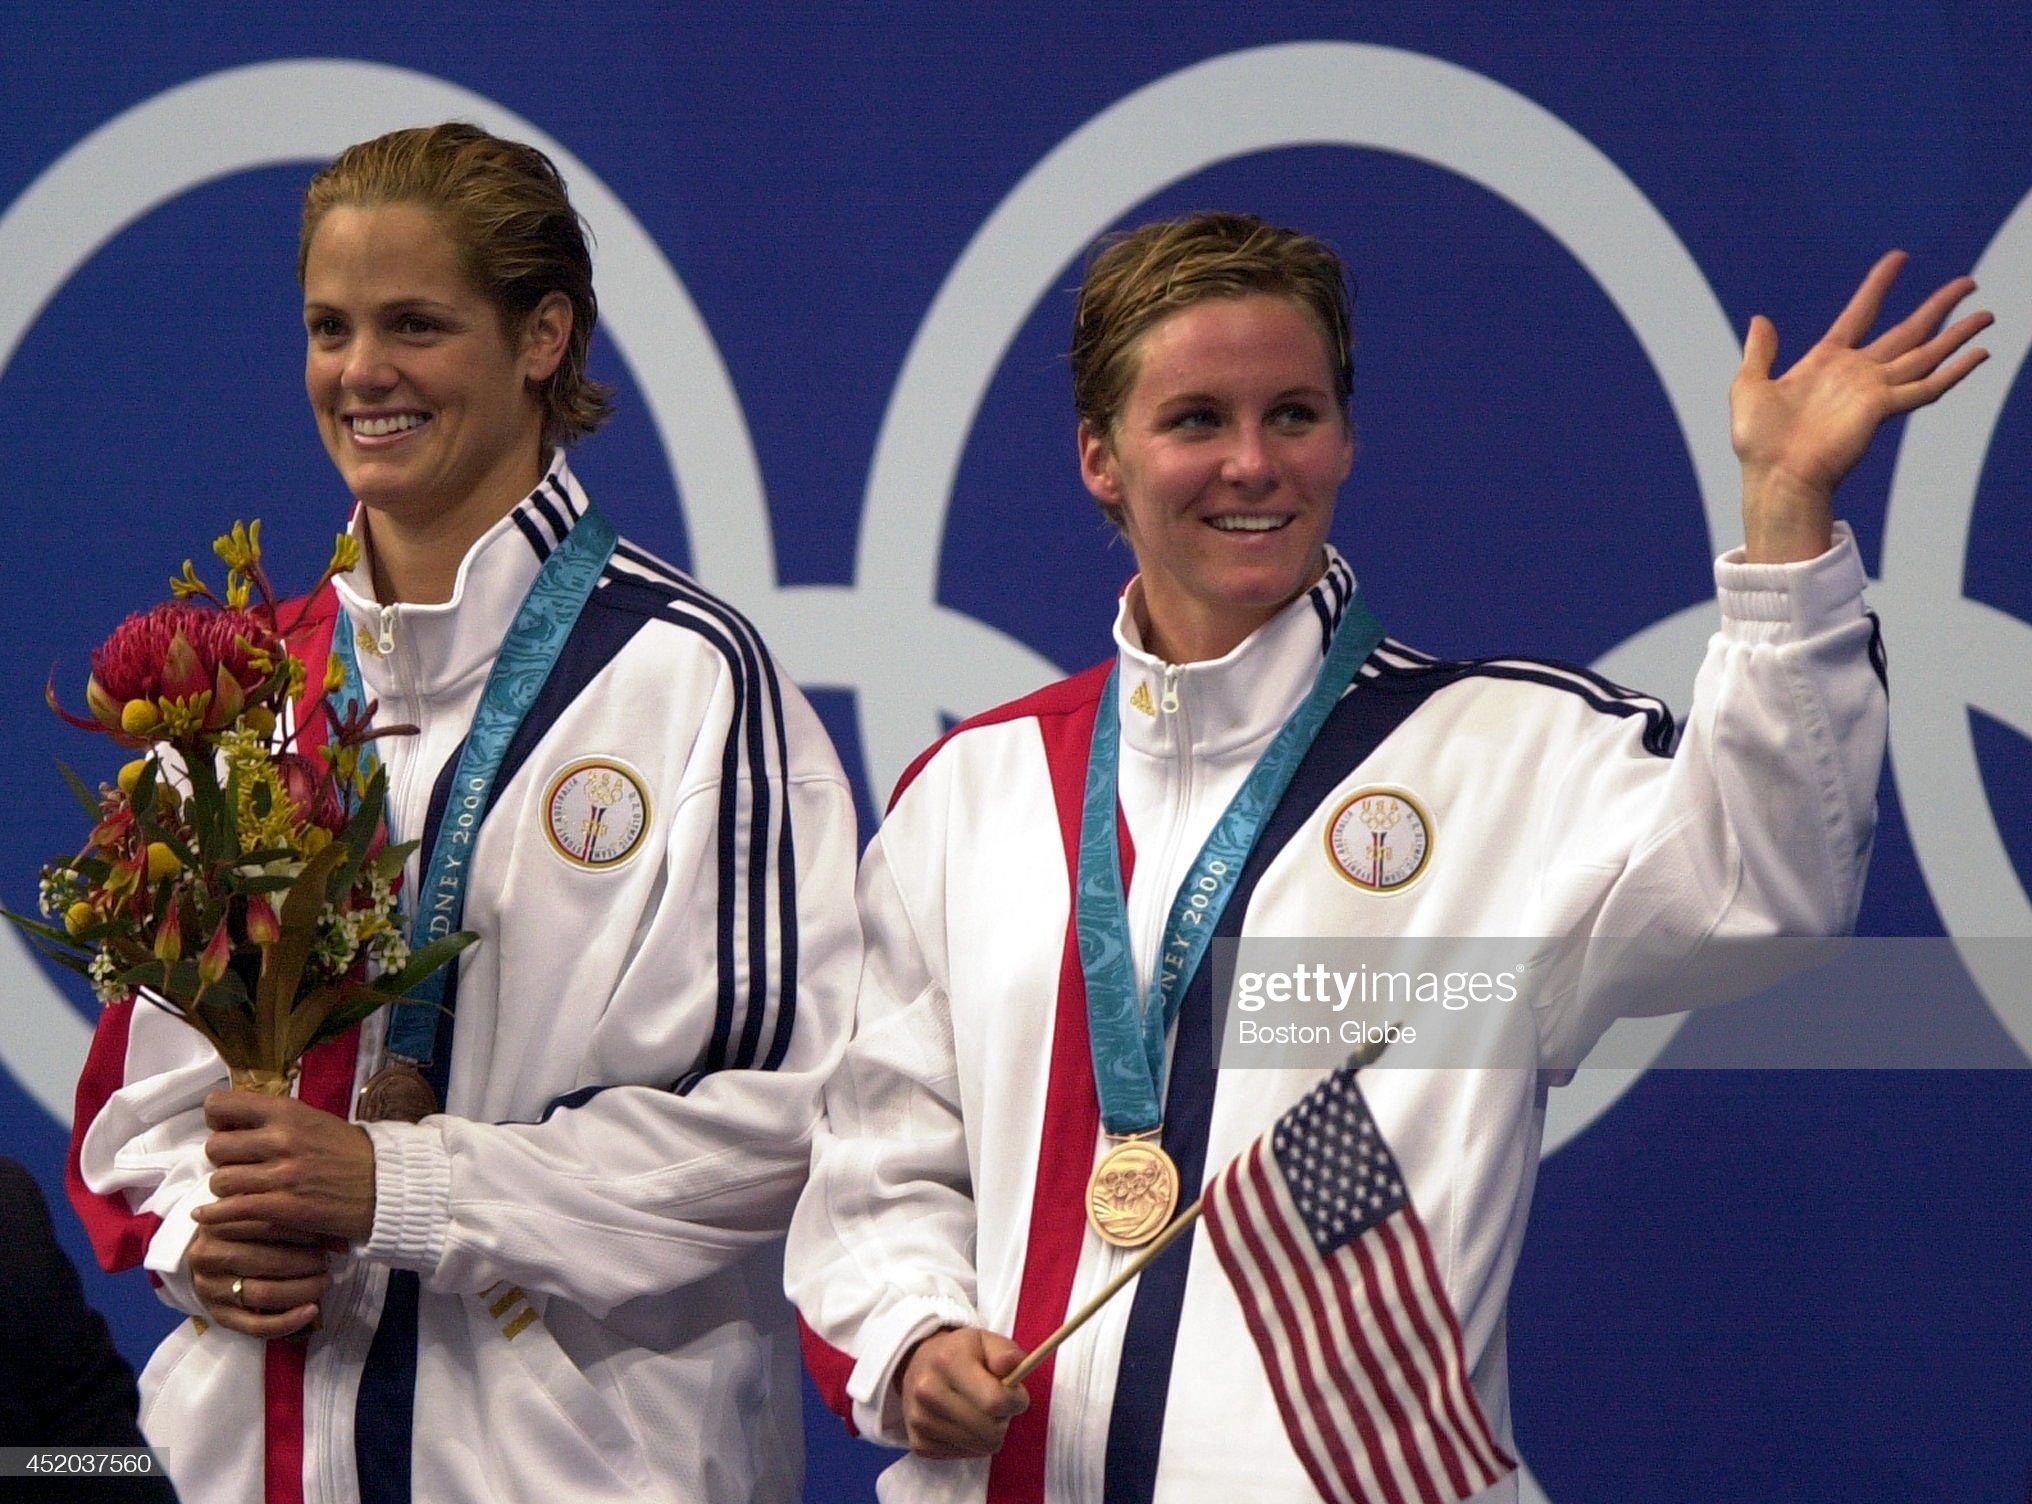 2000 Summer Olympics In Sydney : Fotografía de noticias